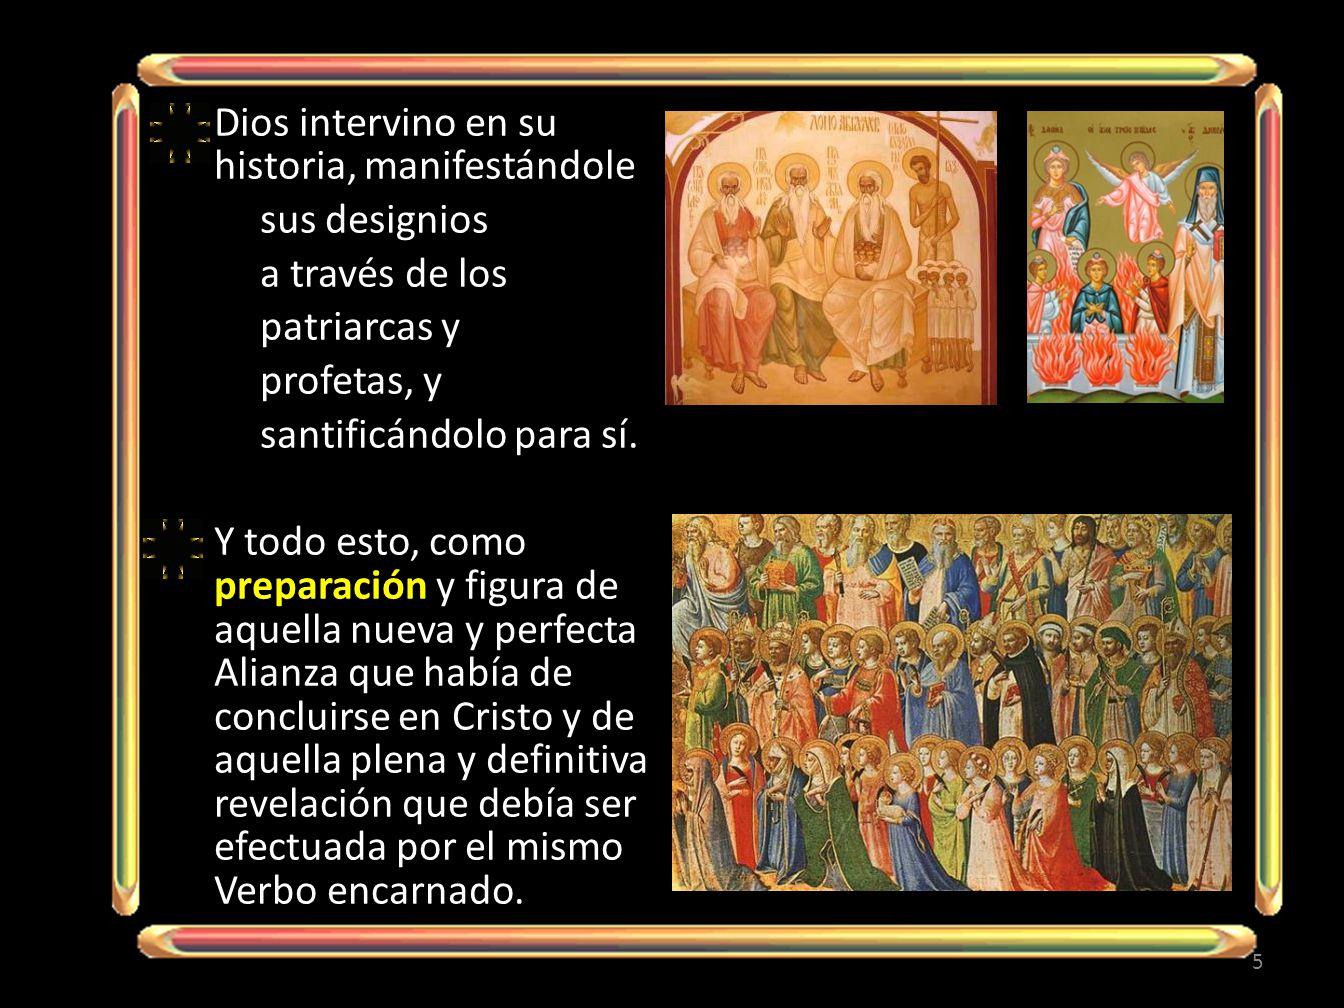 Dios intervino en su historia, manifestándole sus designios a través de los patriarcas y profetas, y santificándolo para sí. Y todo esto, como prepara